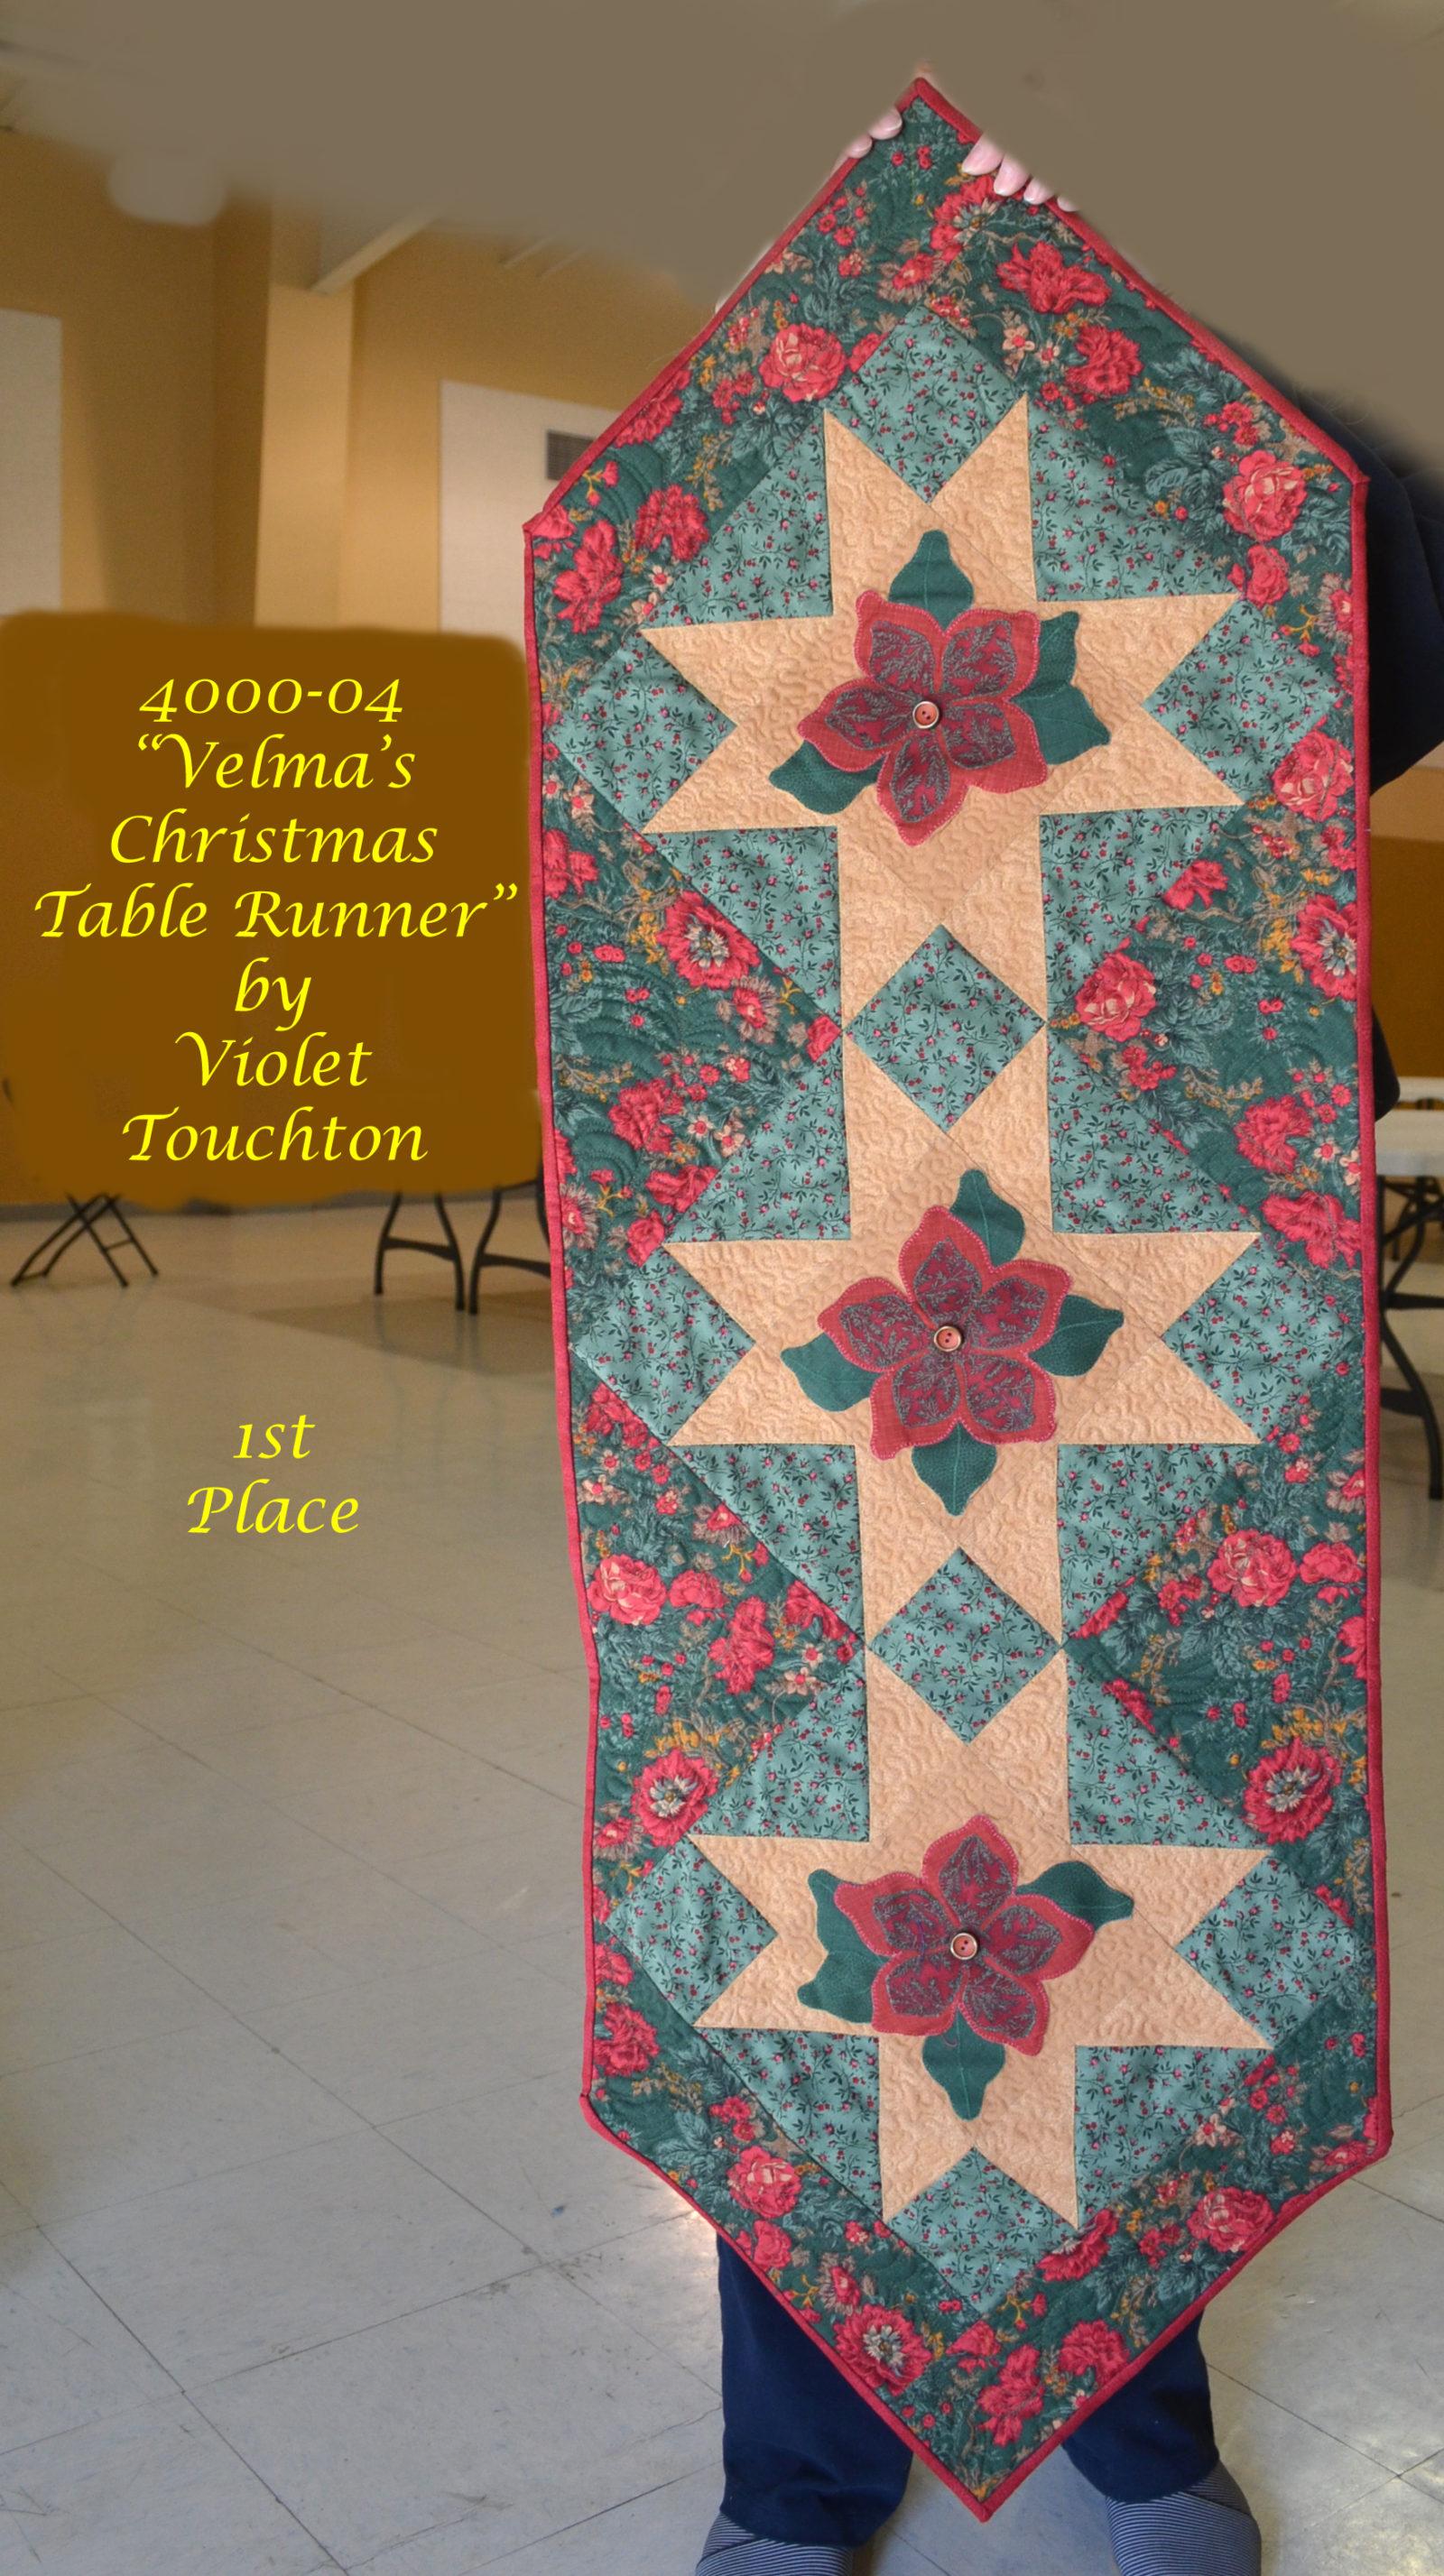 4000-04 Velma's Christmas Table Runner